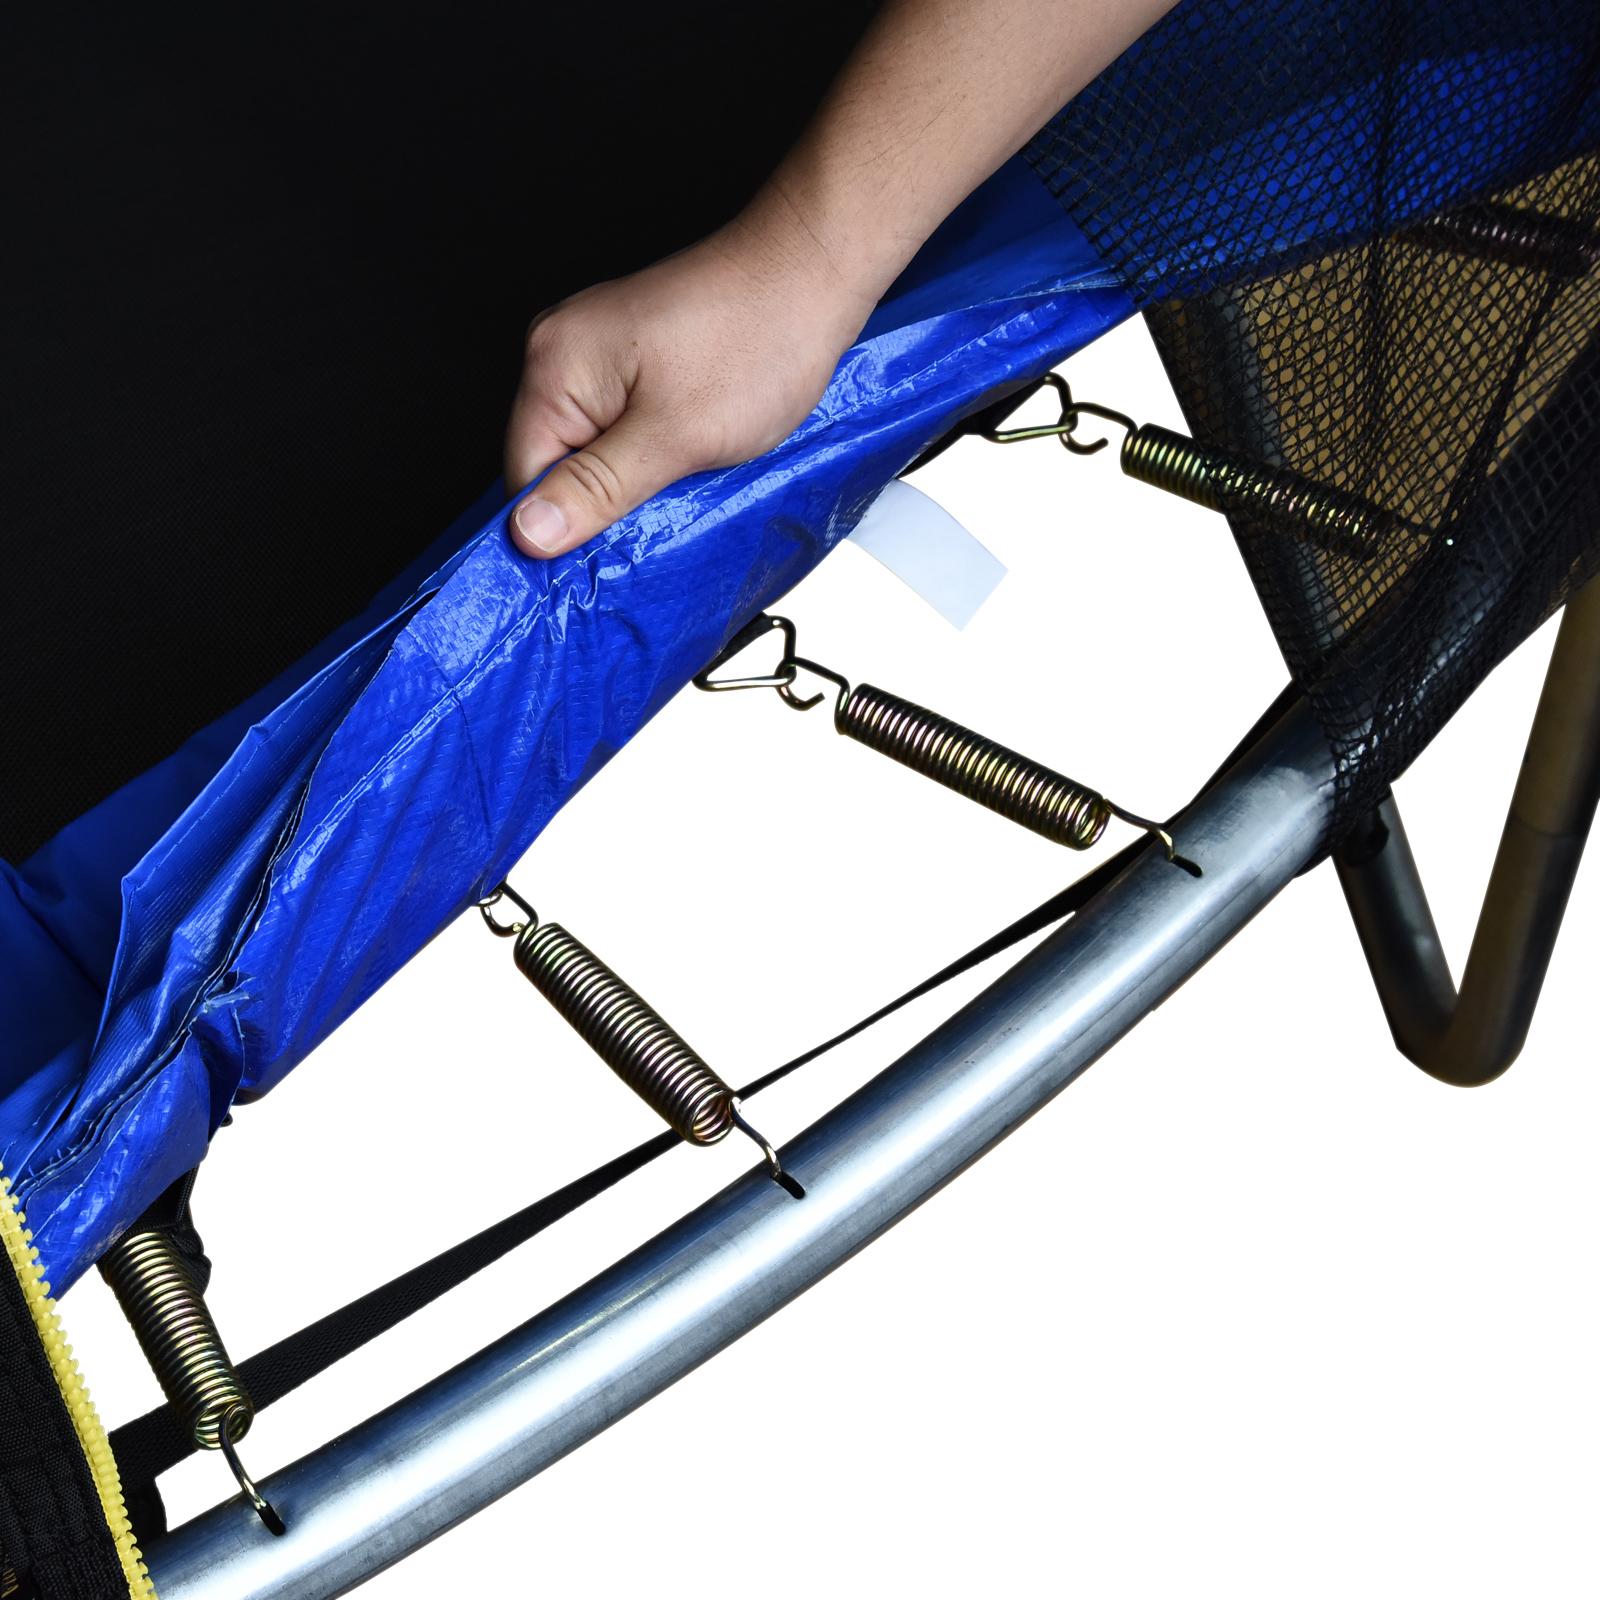 Cubierta-Protectora-para-Borde-de-Cama-Elastica-Trampolin-3-Medidas-Opcionales miniatura 5